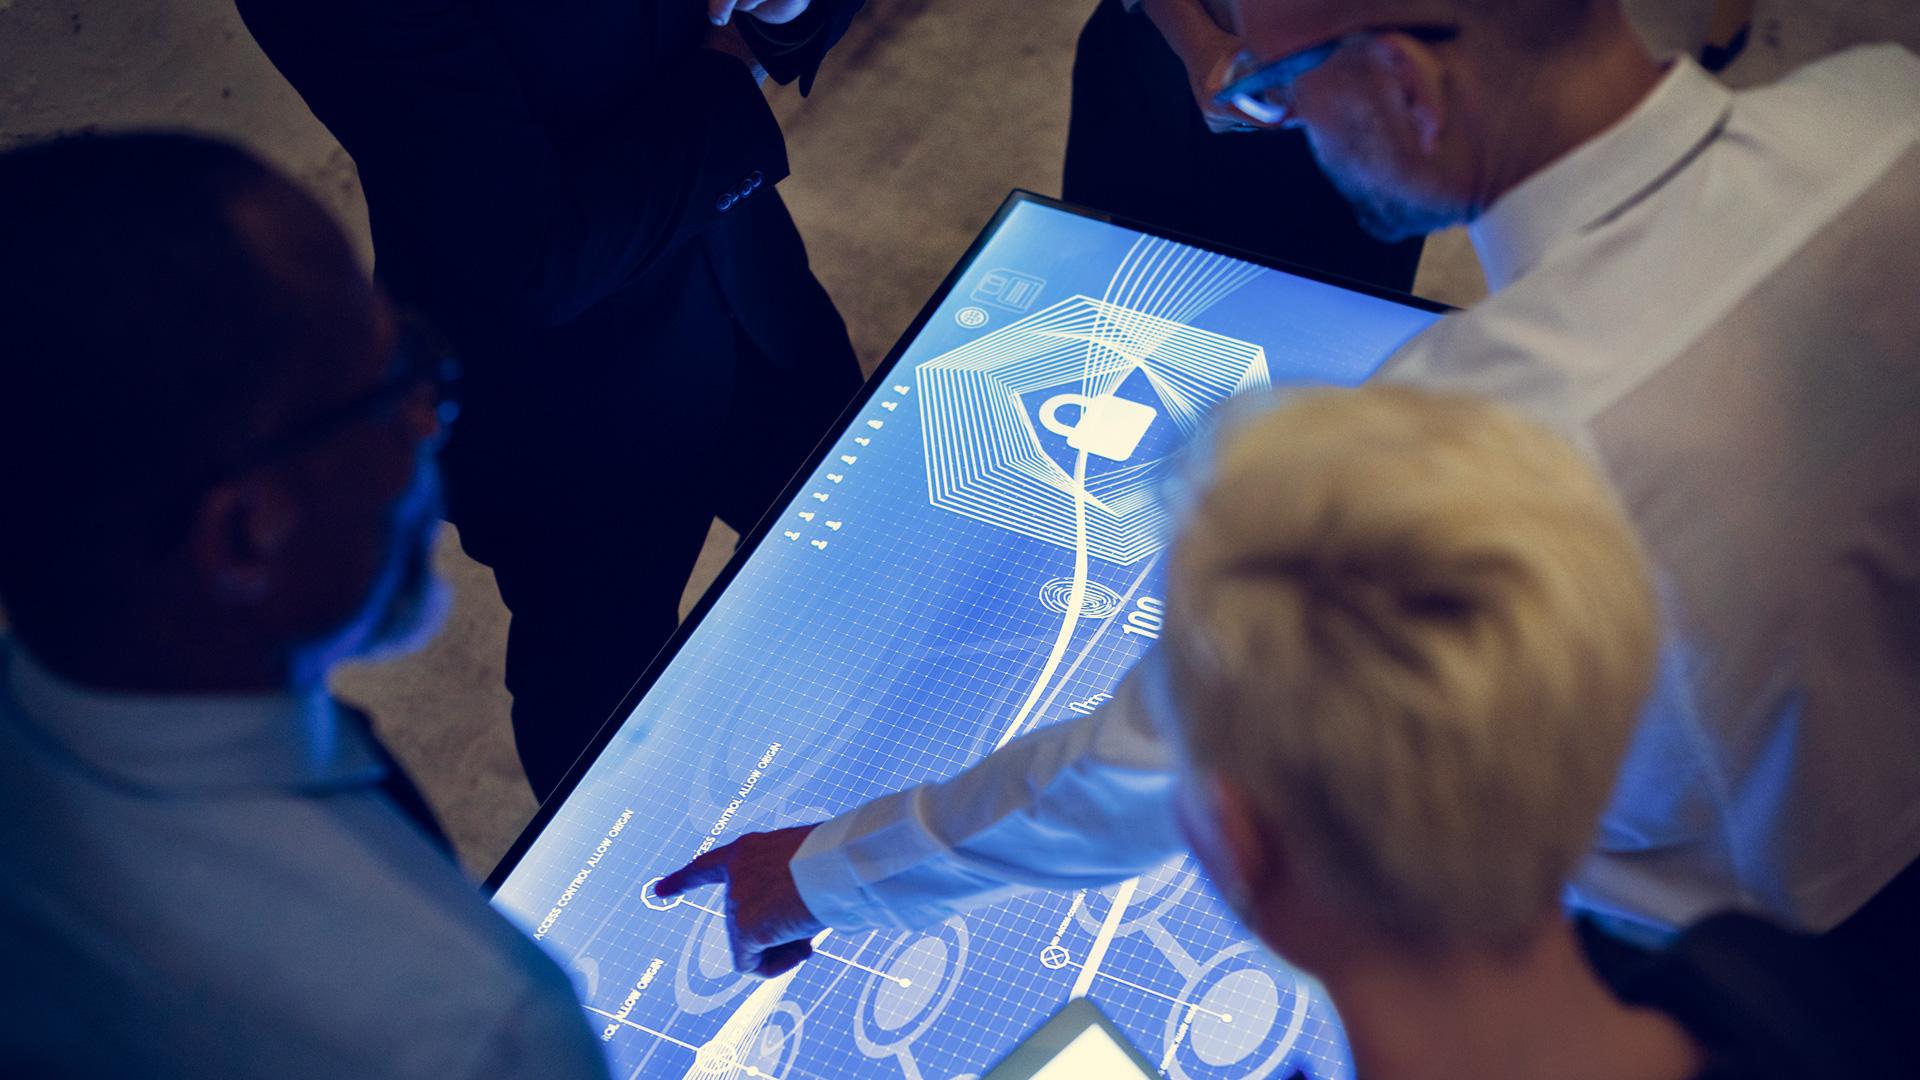 Personas alrededor de una pantalla táctil, con un hombre dirigiendo la reunión y controlándola